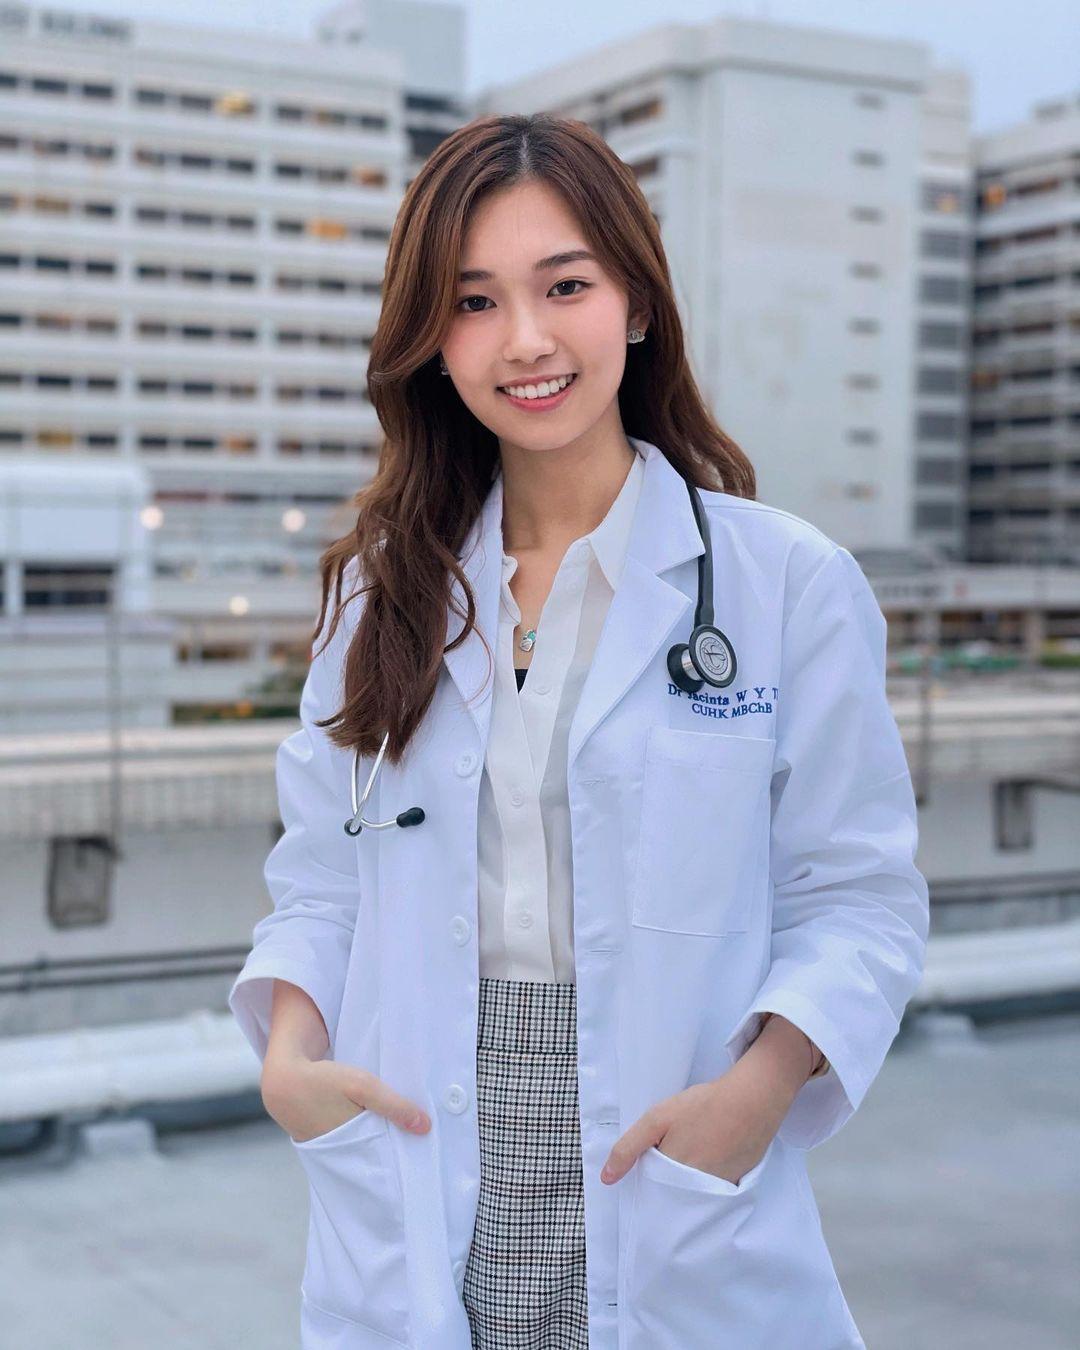 网红医师Jacintaaaaaa穿白袍超有魅力,清新气质让人一秒恋爱-新图包